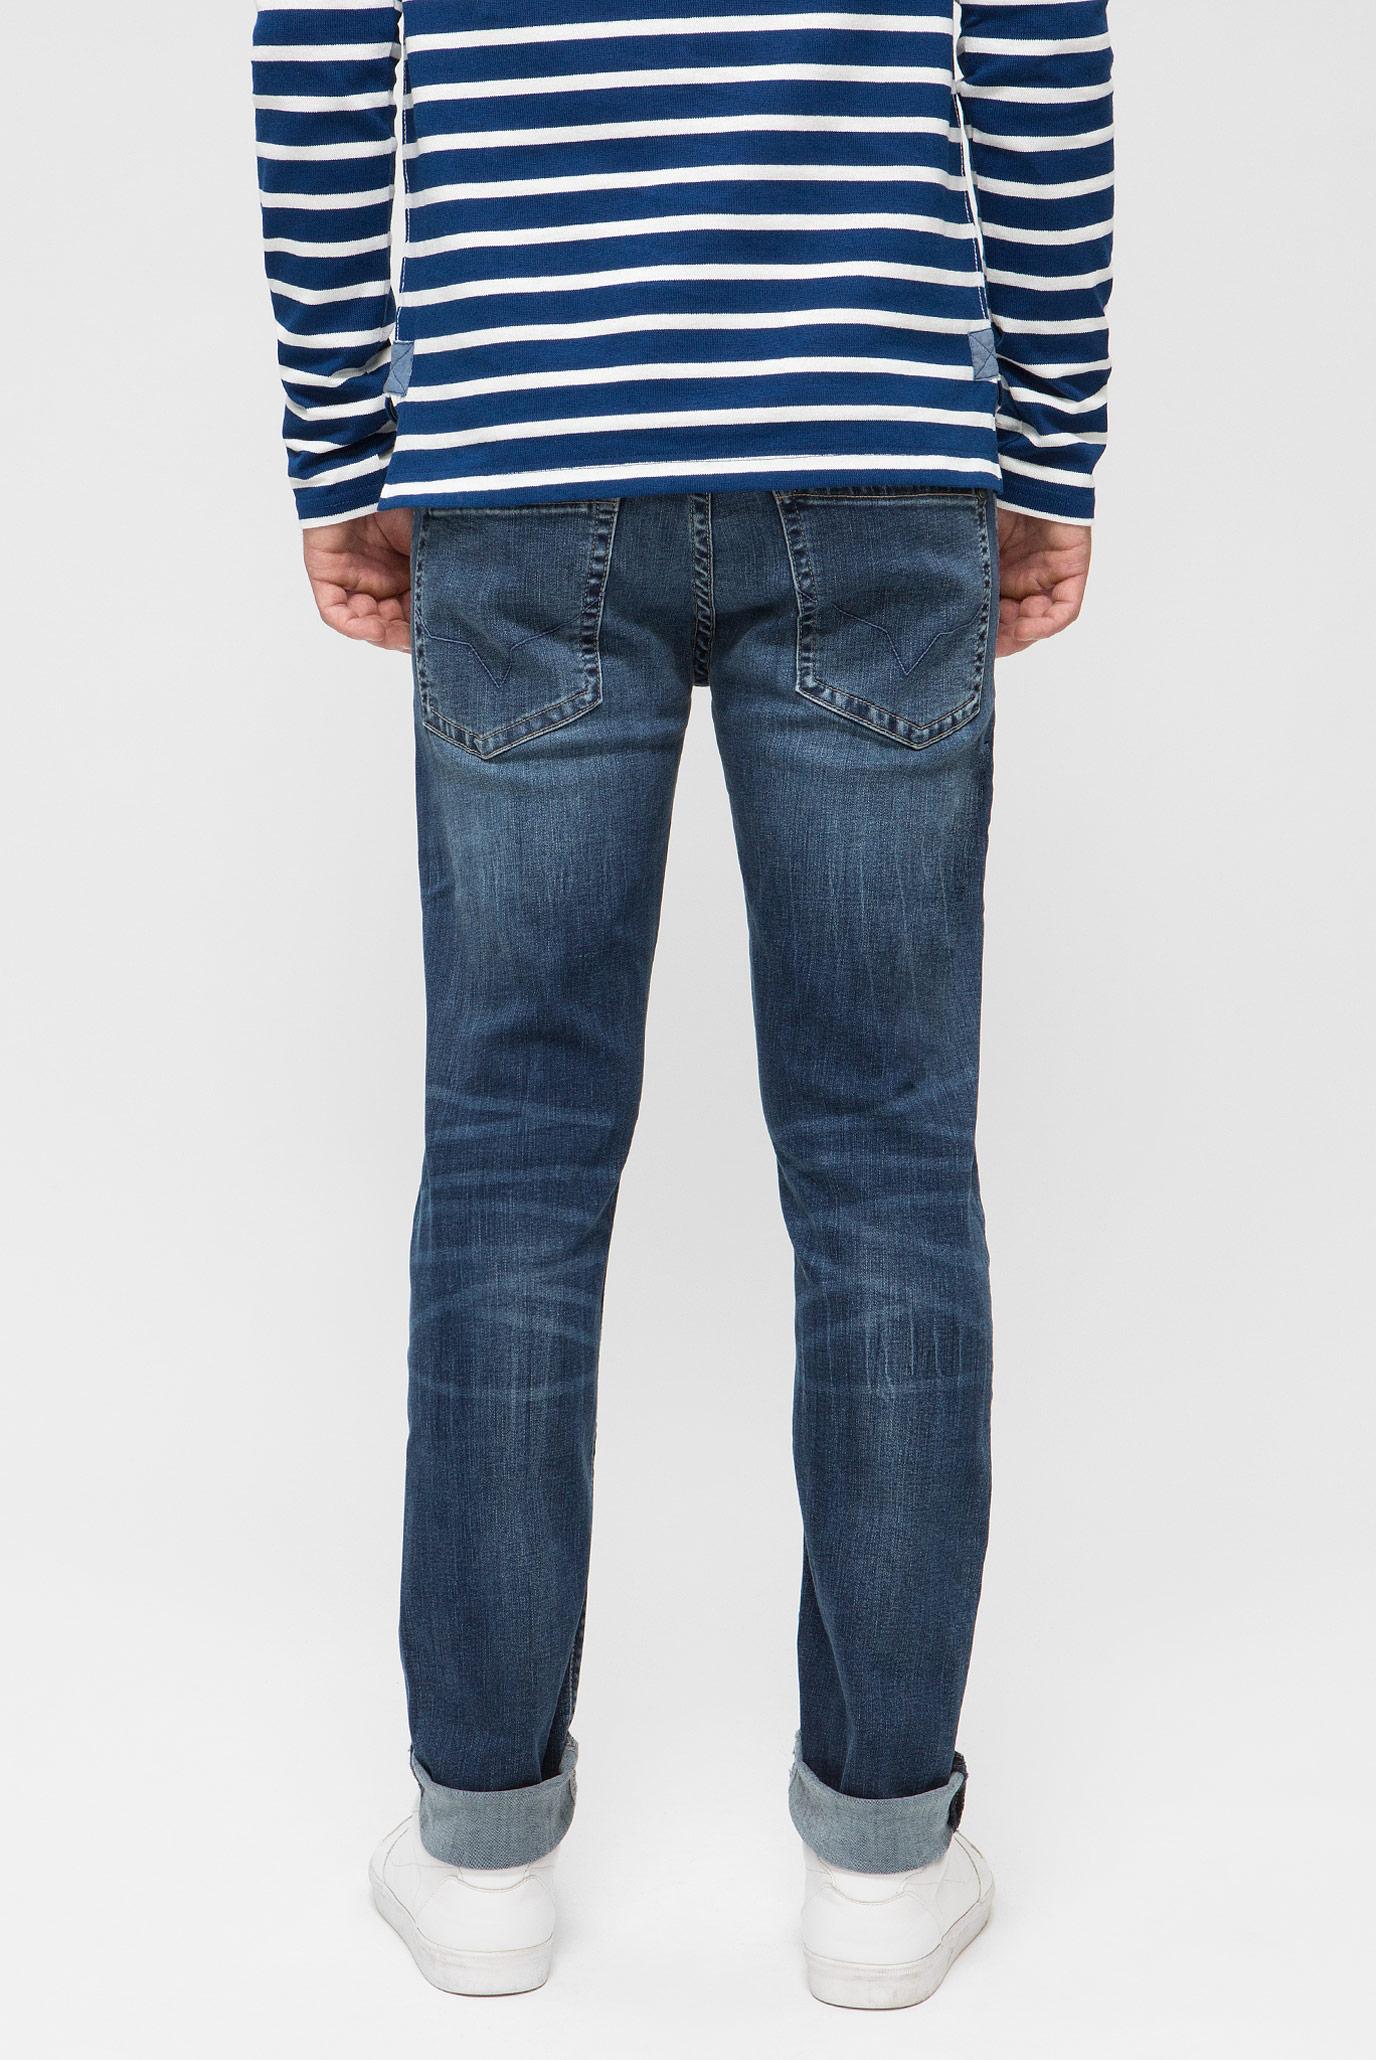 Купить Мужские синие джинсы HATCH Pepe Jeans Pepe Jeans PM200823CG12 – Киев, Украина. Цены в интернет магазине MD Fashion